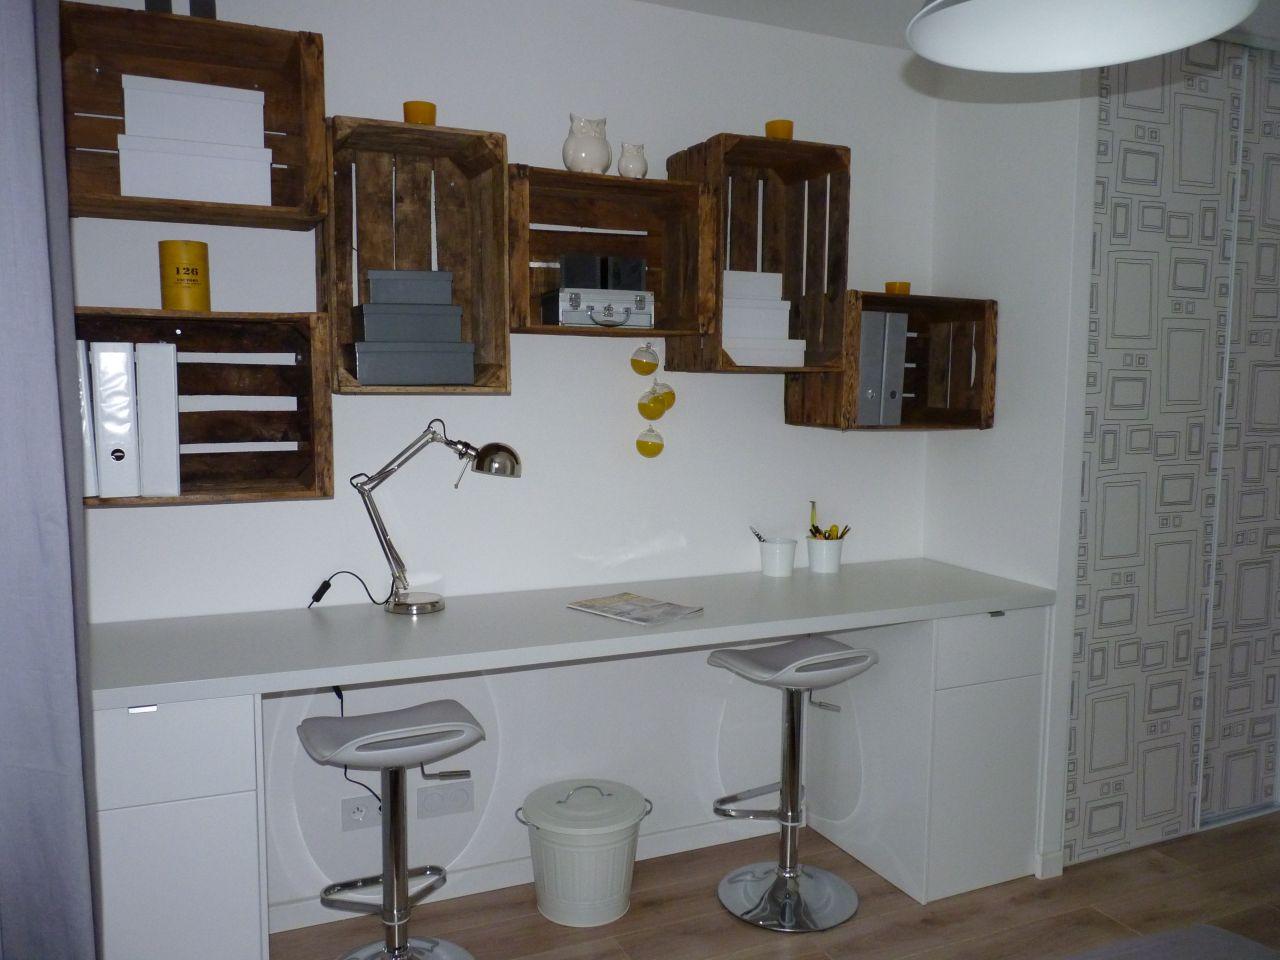 Décoration Bureau - Savoie (73) - février 2015